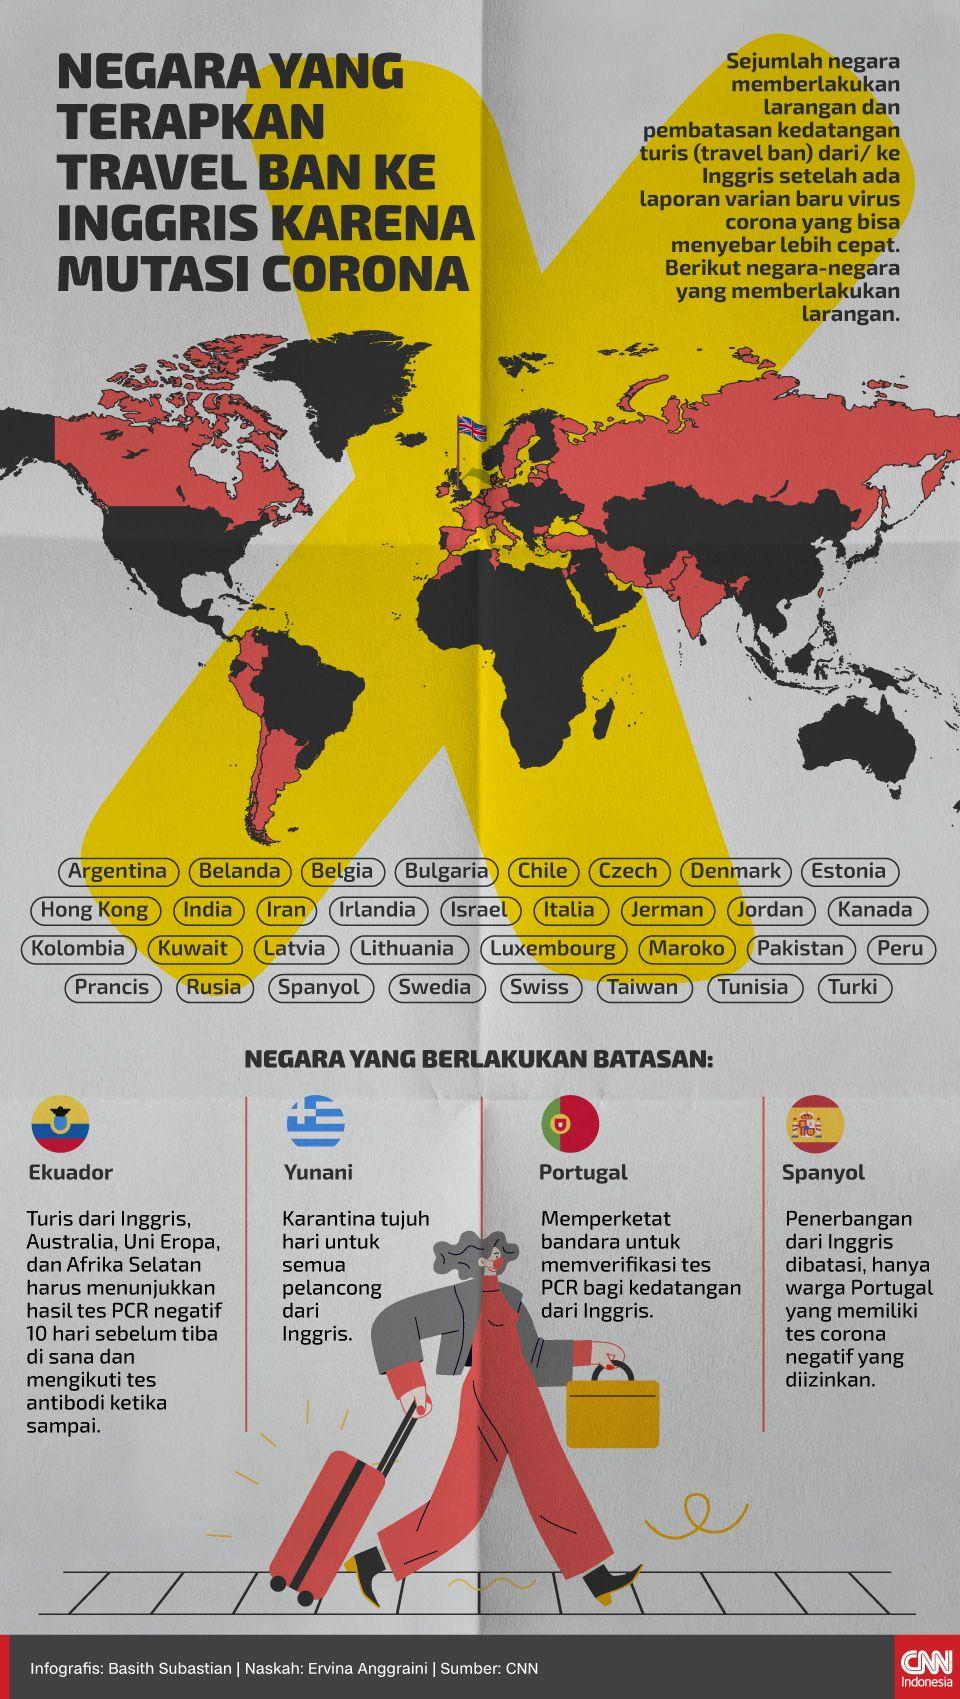 Infografis Negara yang Terapkan Travel Ban ke Inggris karena Mutasi Corona